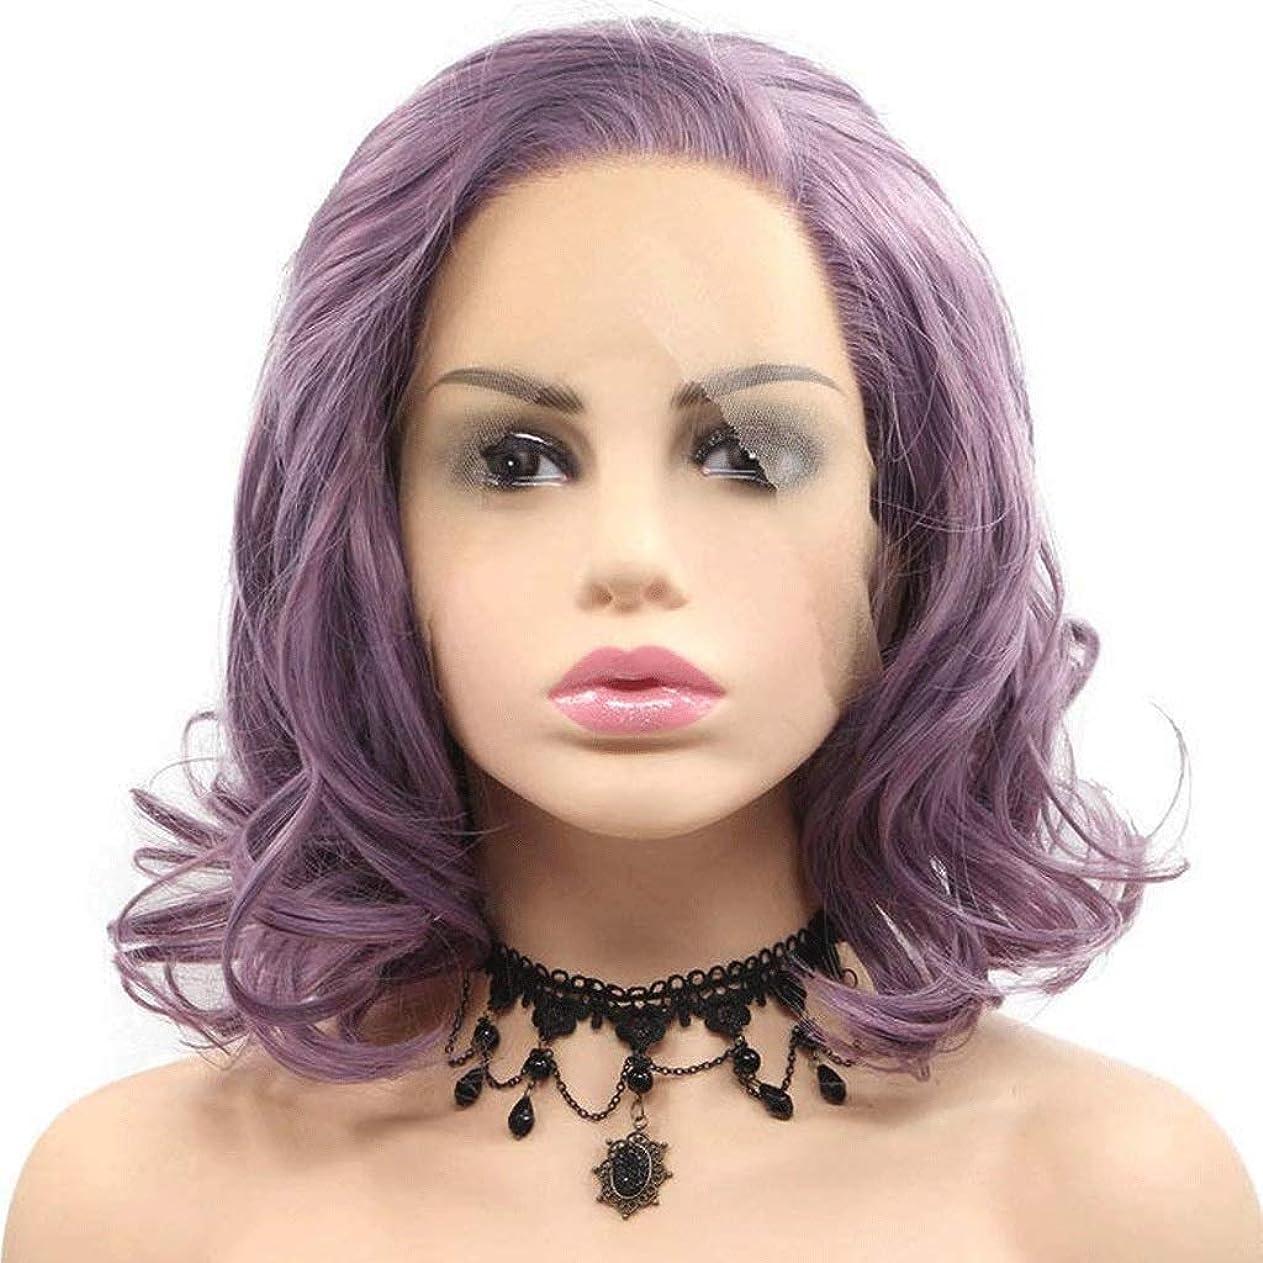 着服残忍なコンピューター女性のための紫色の短い巻き毛のかつらレースフロント合成かつらコスプレパーティー日常使用12インチ (色 : Purple)